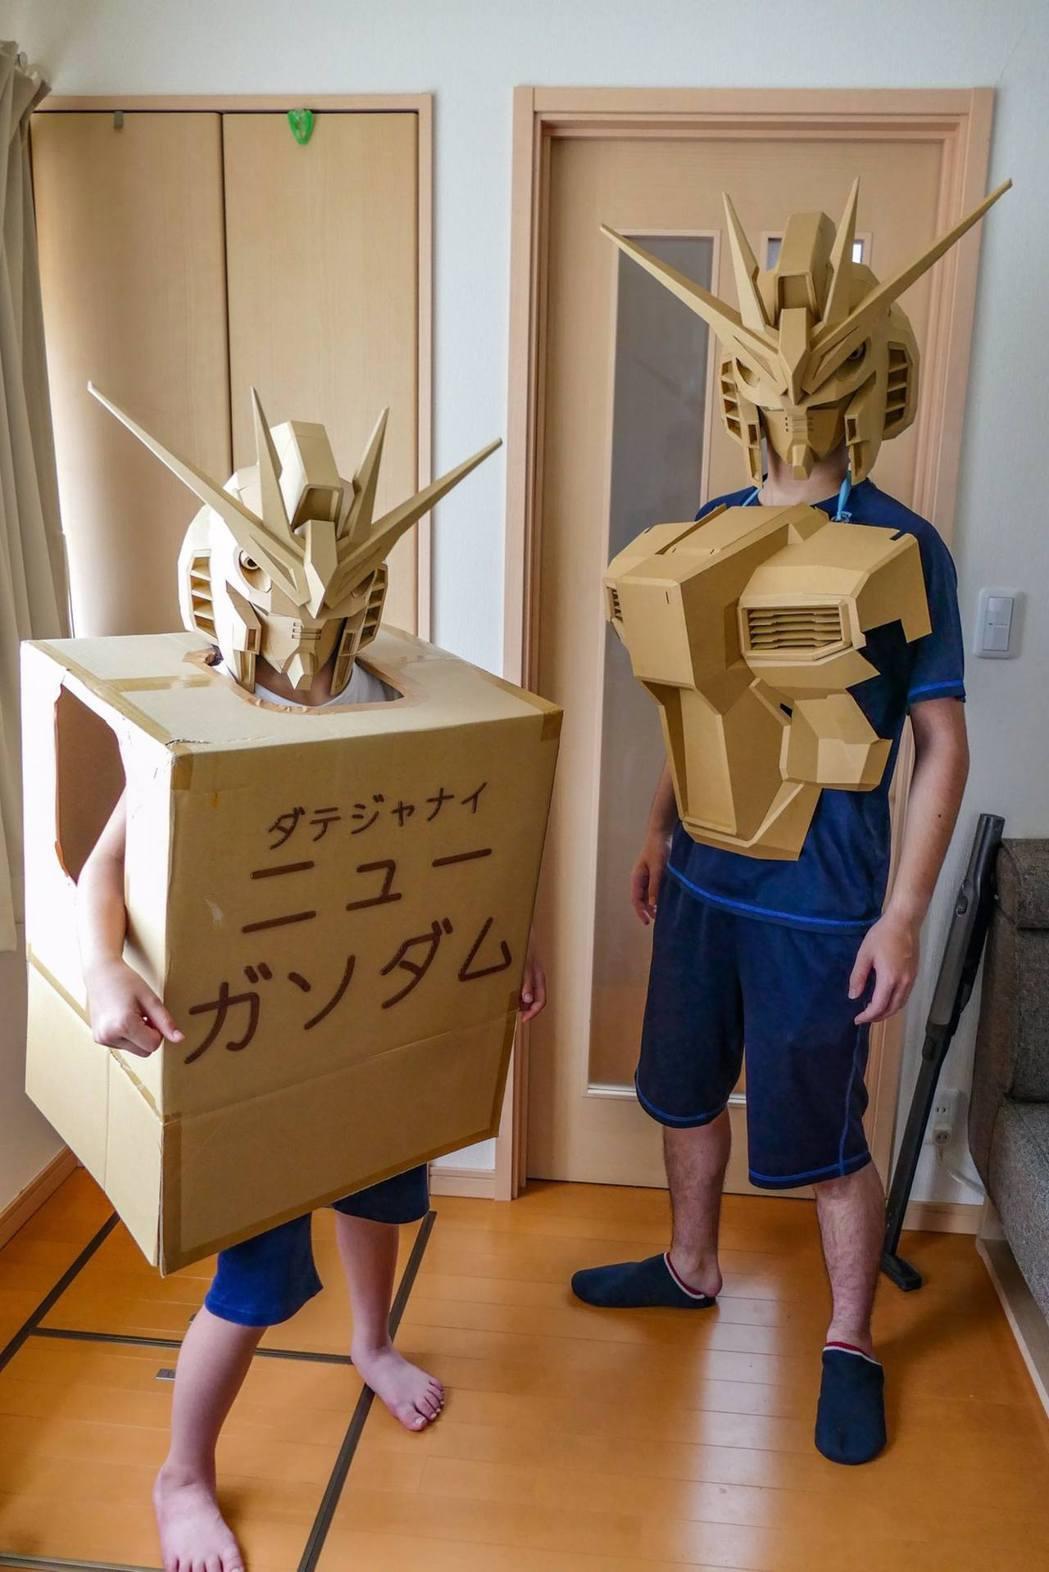 日本有網友在Twitter分享自製的紙箱鋼彈照片。(Twitter帳號「Tomo